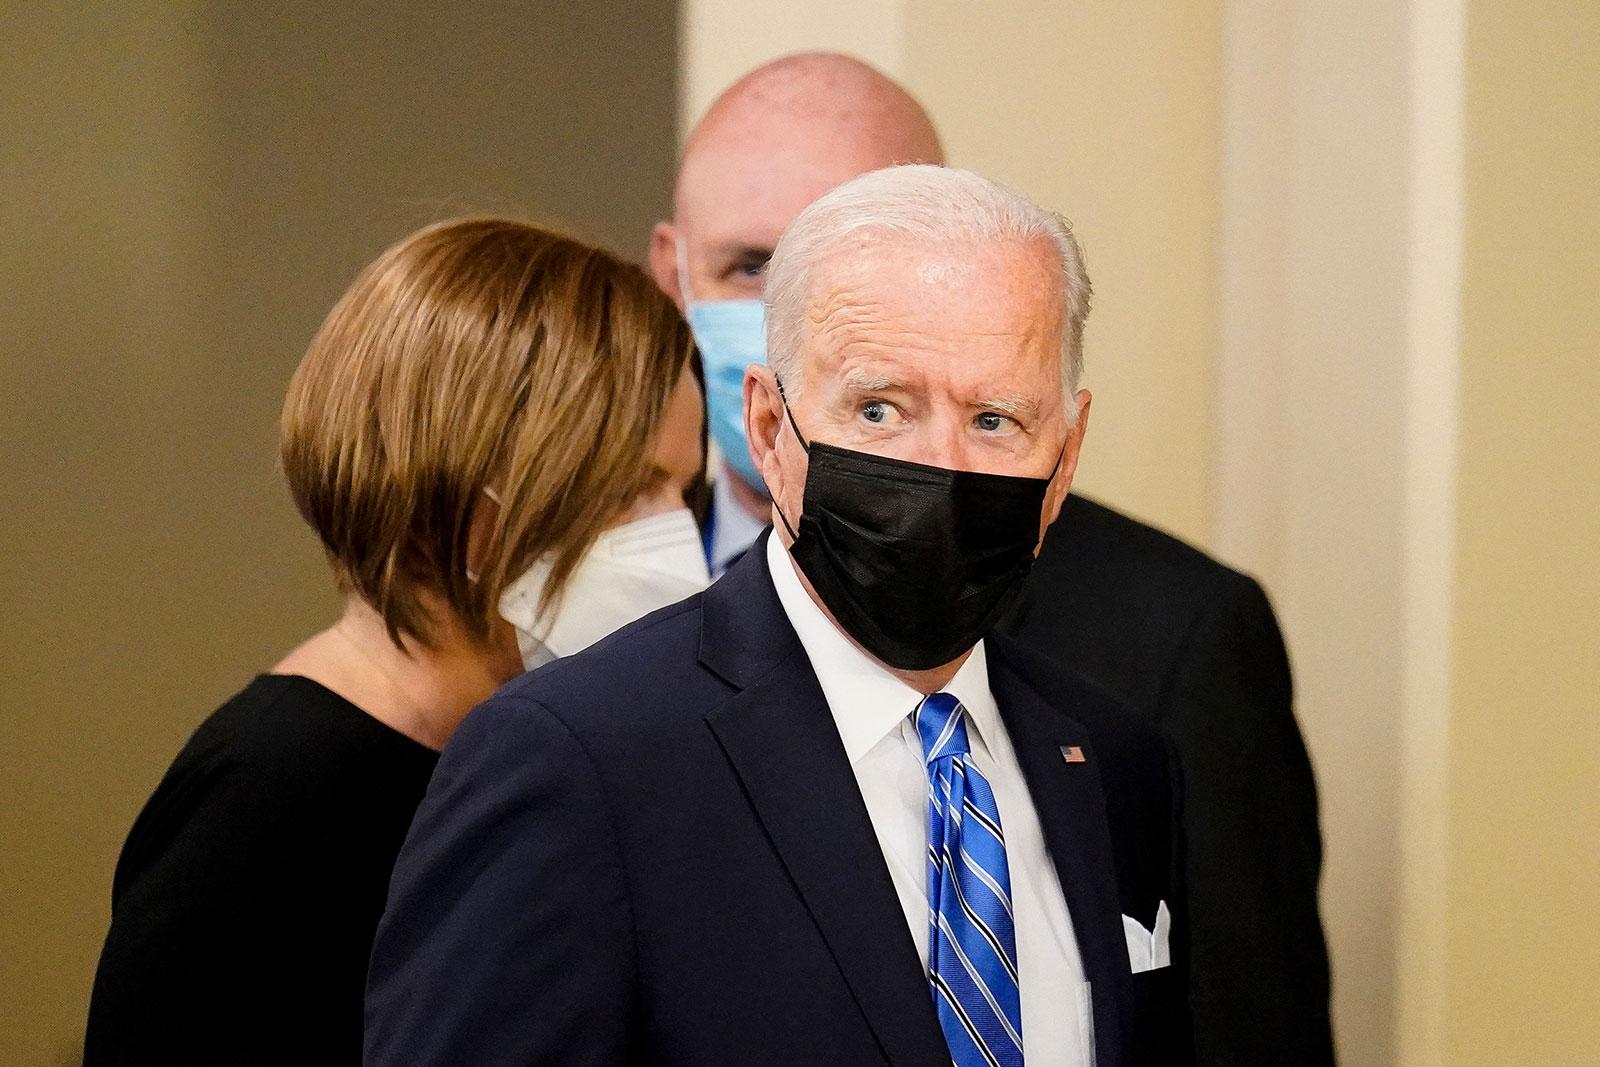 President Joe Biden arrives at the United Nations in New York on September 21.